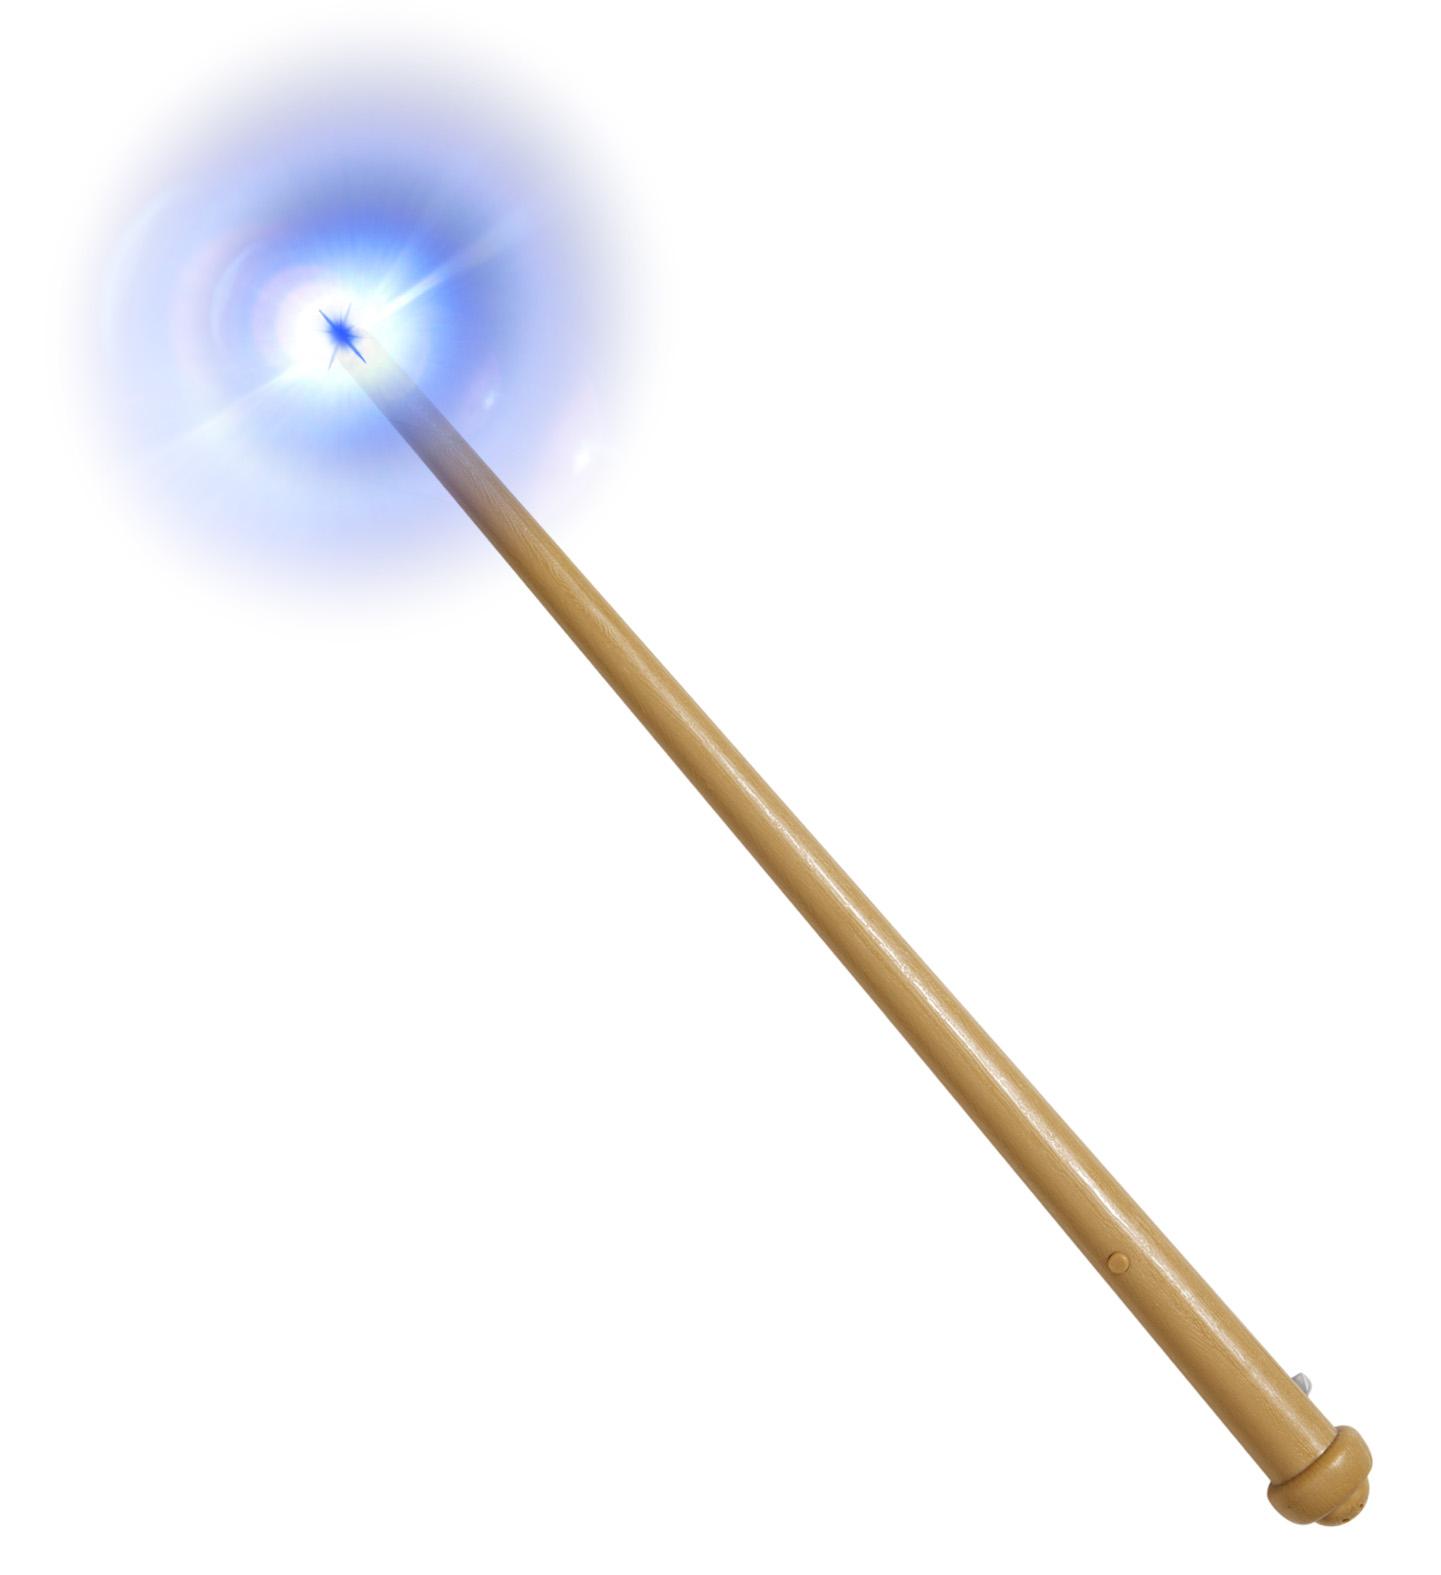 Μαγικό Αποκριάτικο Ραβδί Με Φώς 36cm